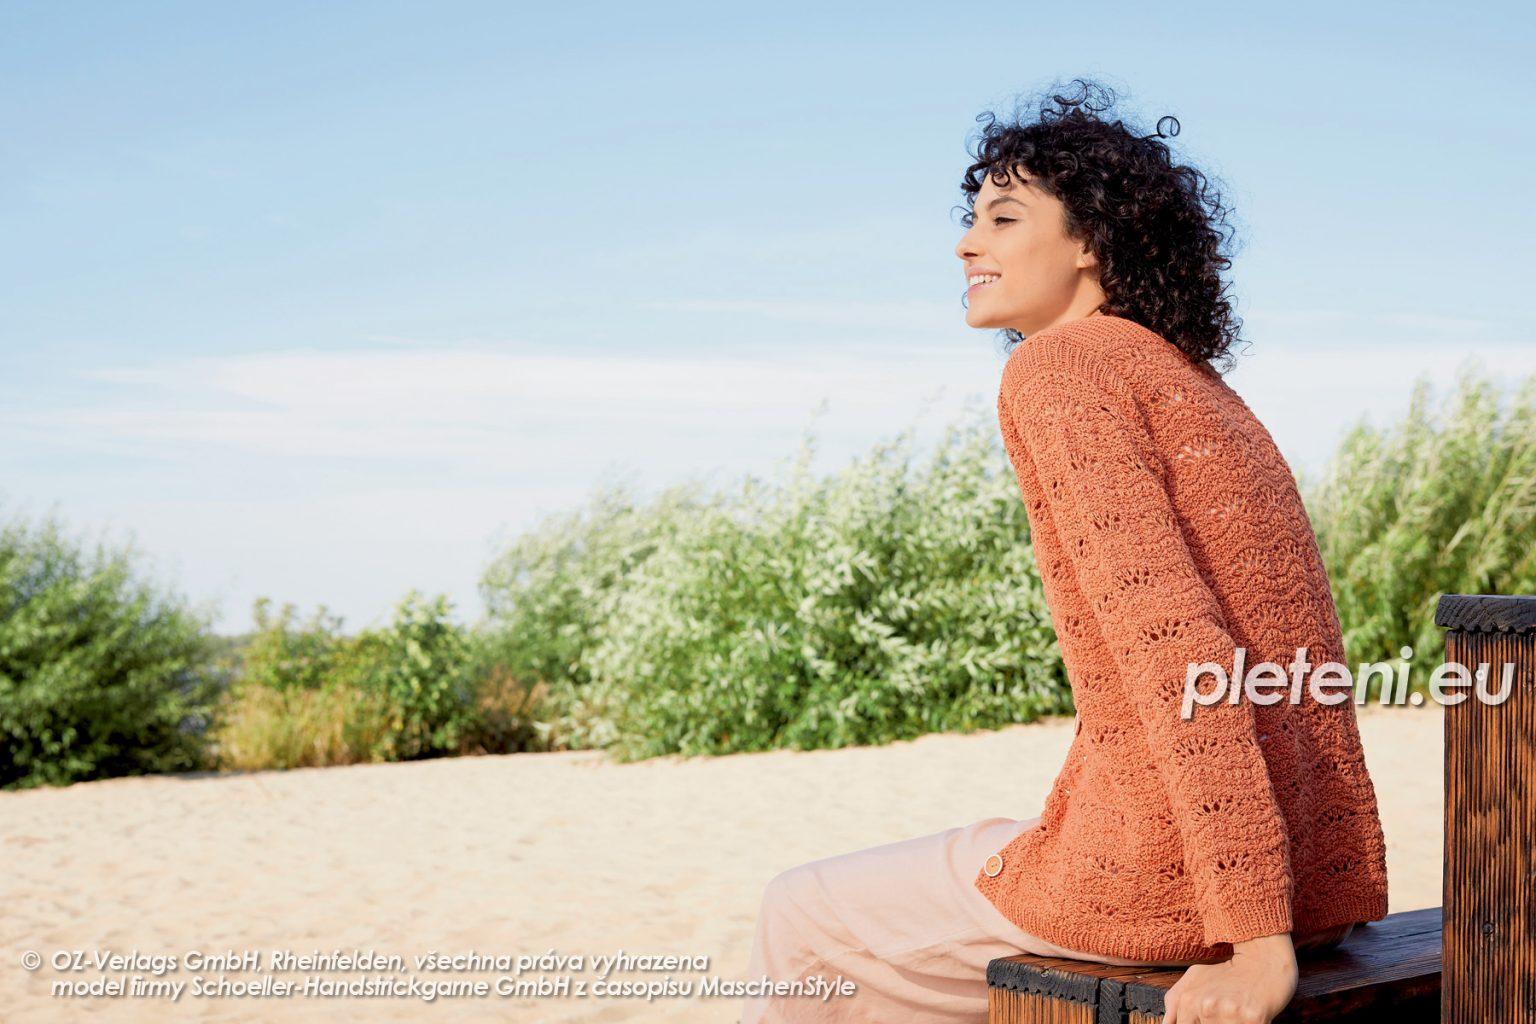 2020-L-16 pletený dámský kabátek z příze Merino Cotton značky Austermann